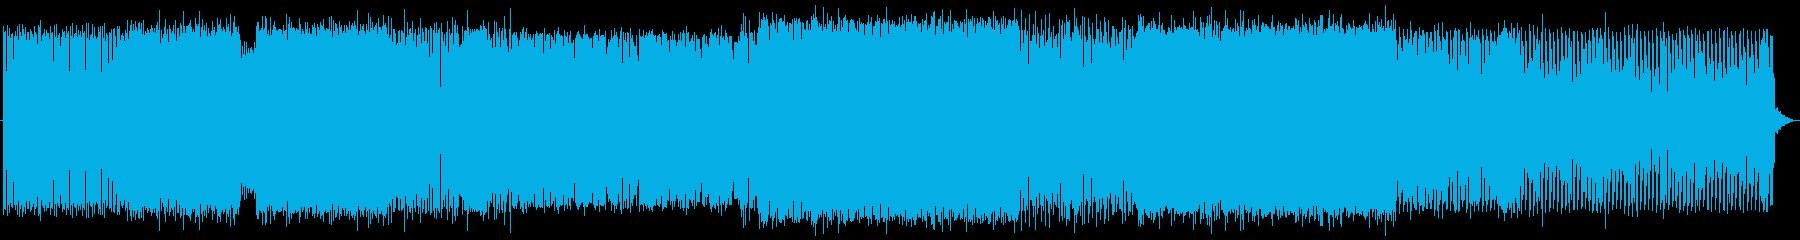 冷静になる。クレッシェンド…リズム...の再生済みの波形